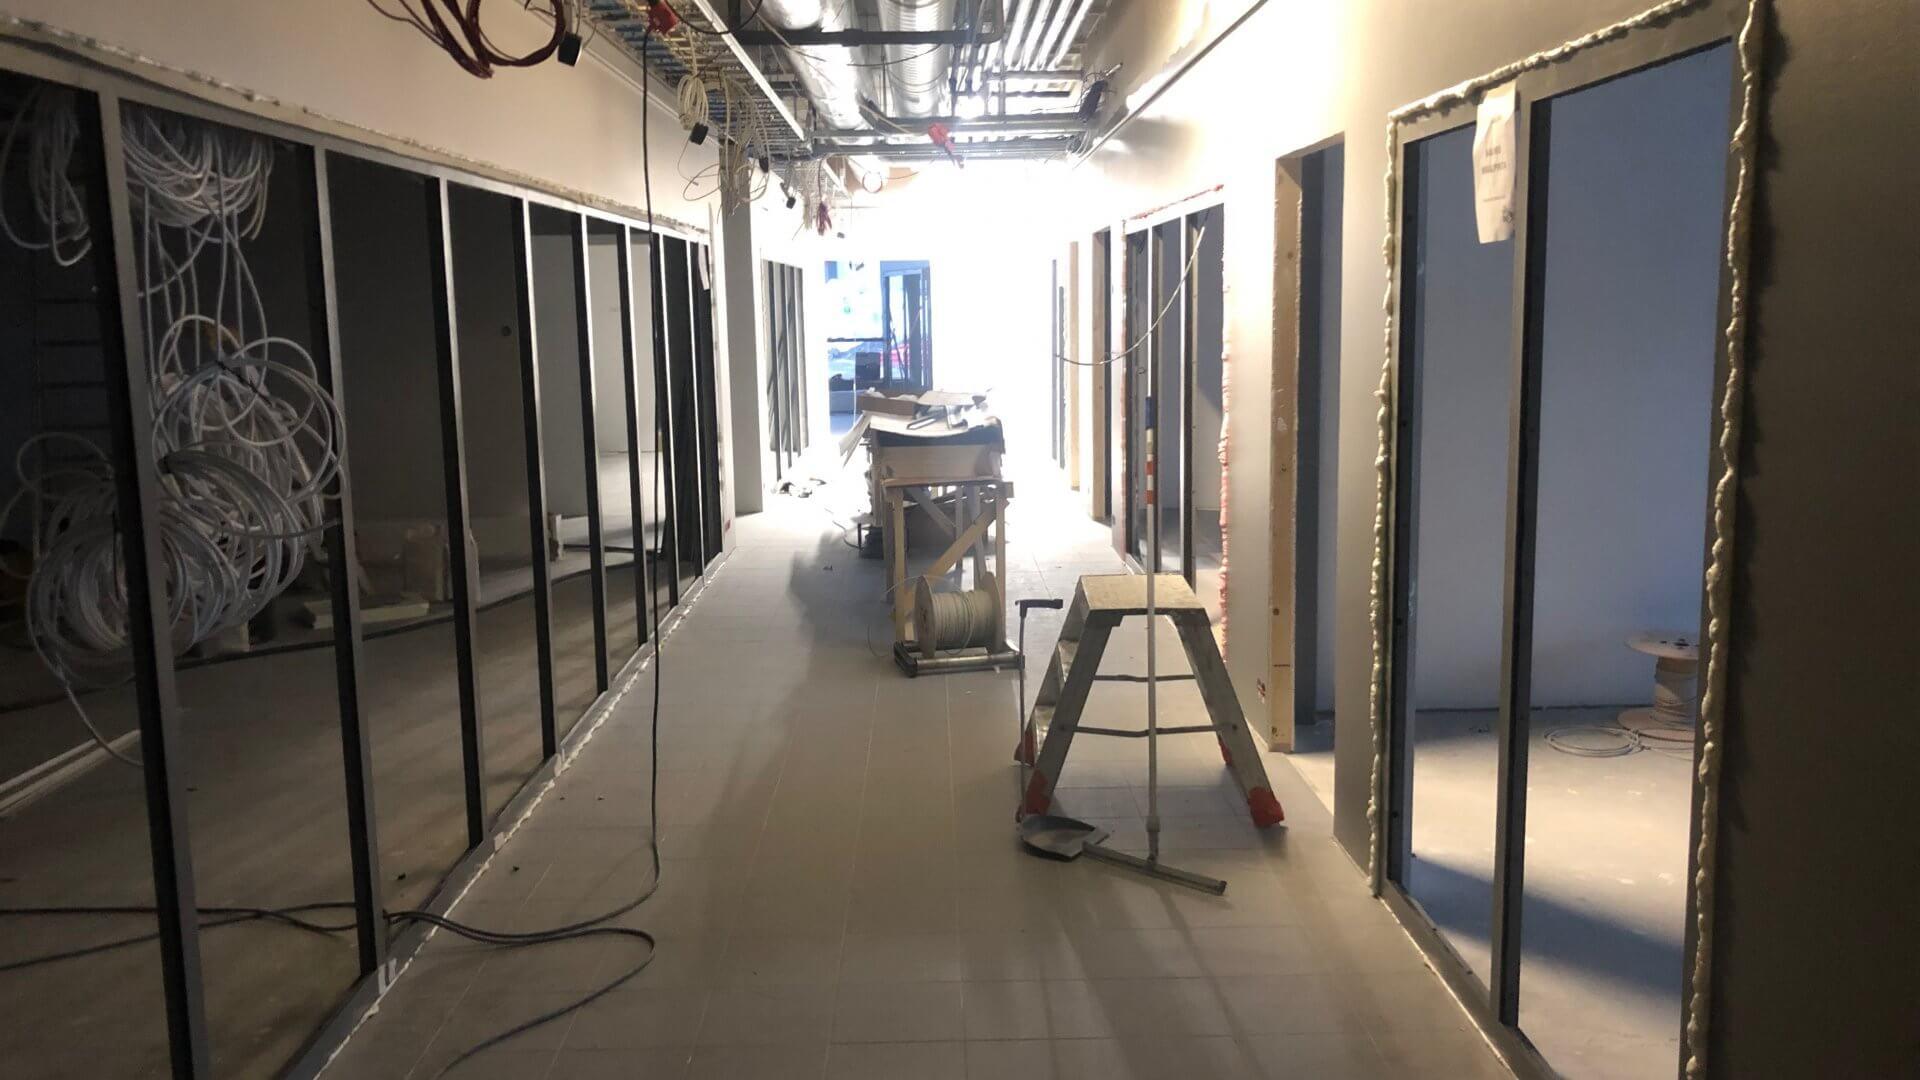 DHL:n jakelu- sekä logistiikkakeskus sekä toimistotilat Pirkkalaan 2